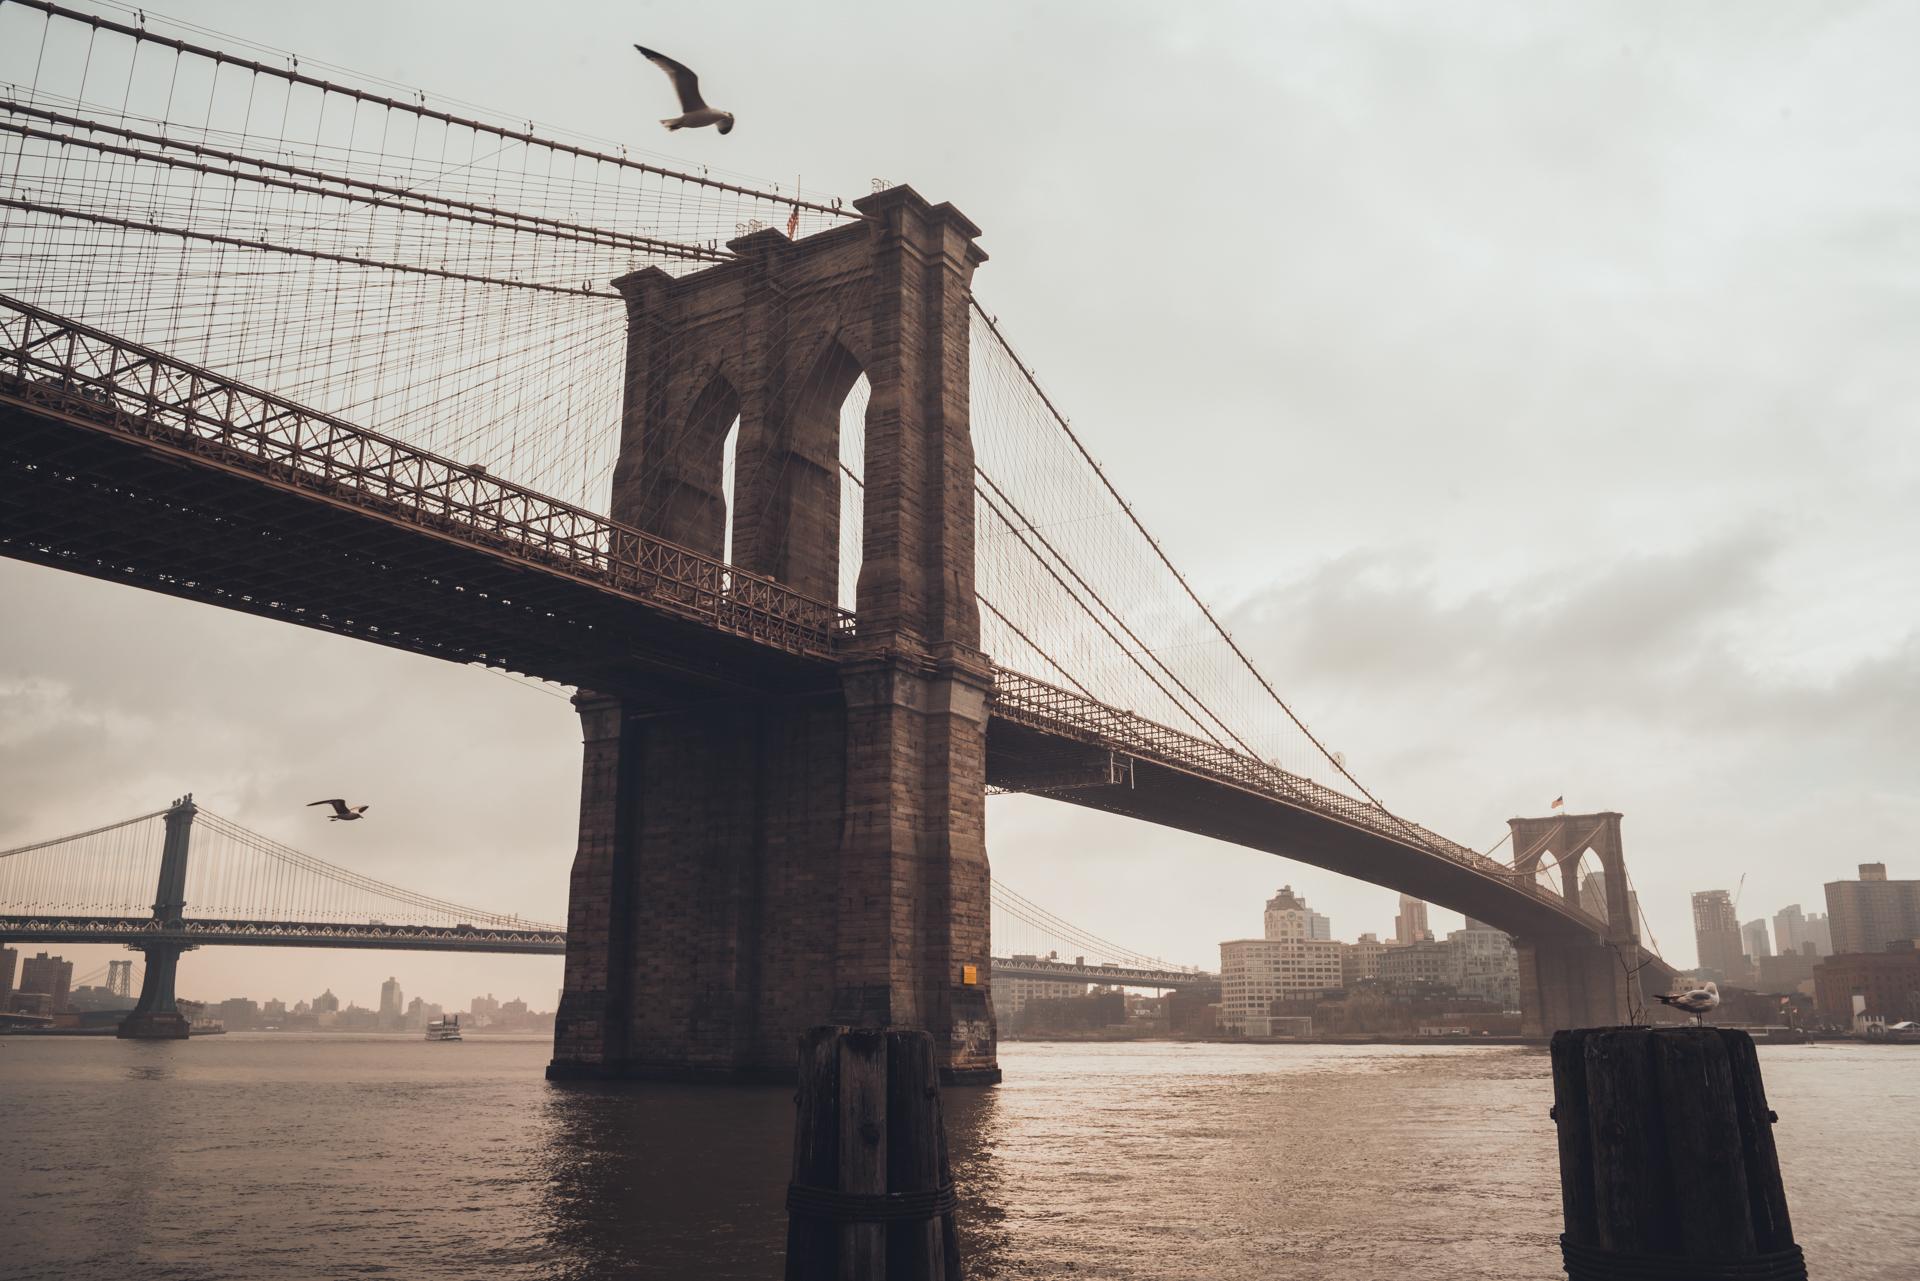 Cinematic New York, il progetto fotografico di Stijn Hoekstra | Collater.al